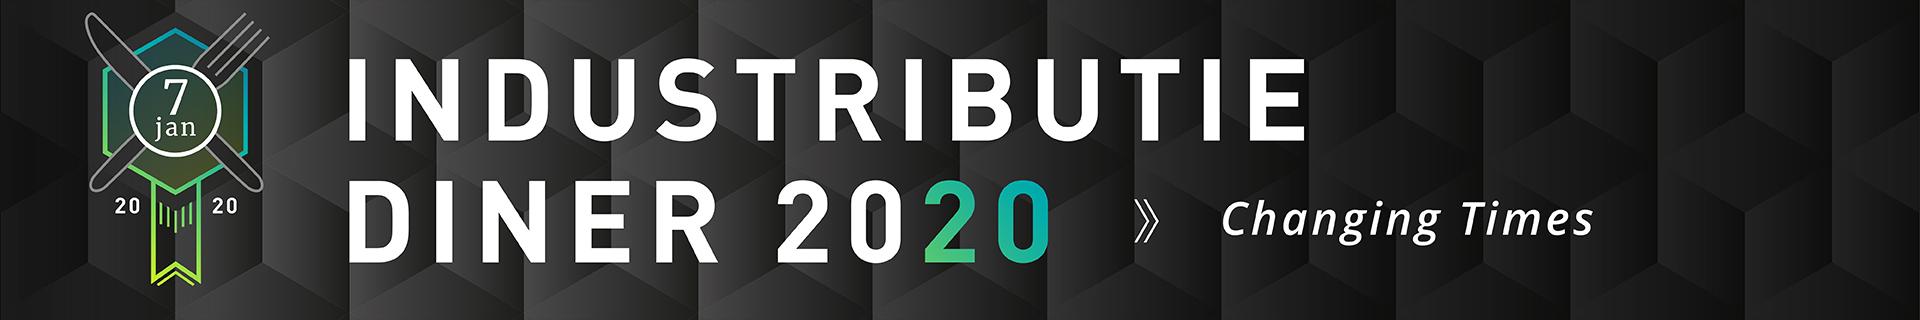 Industributie diner 2020